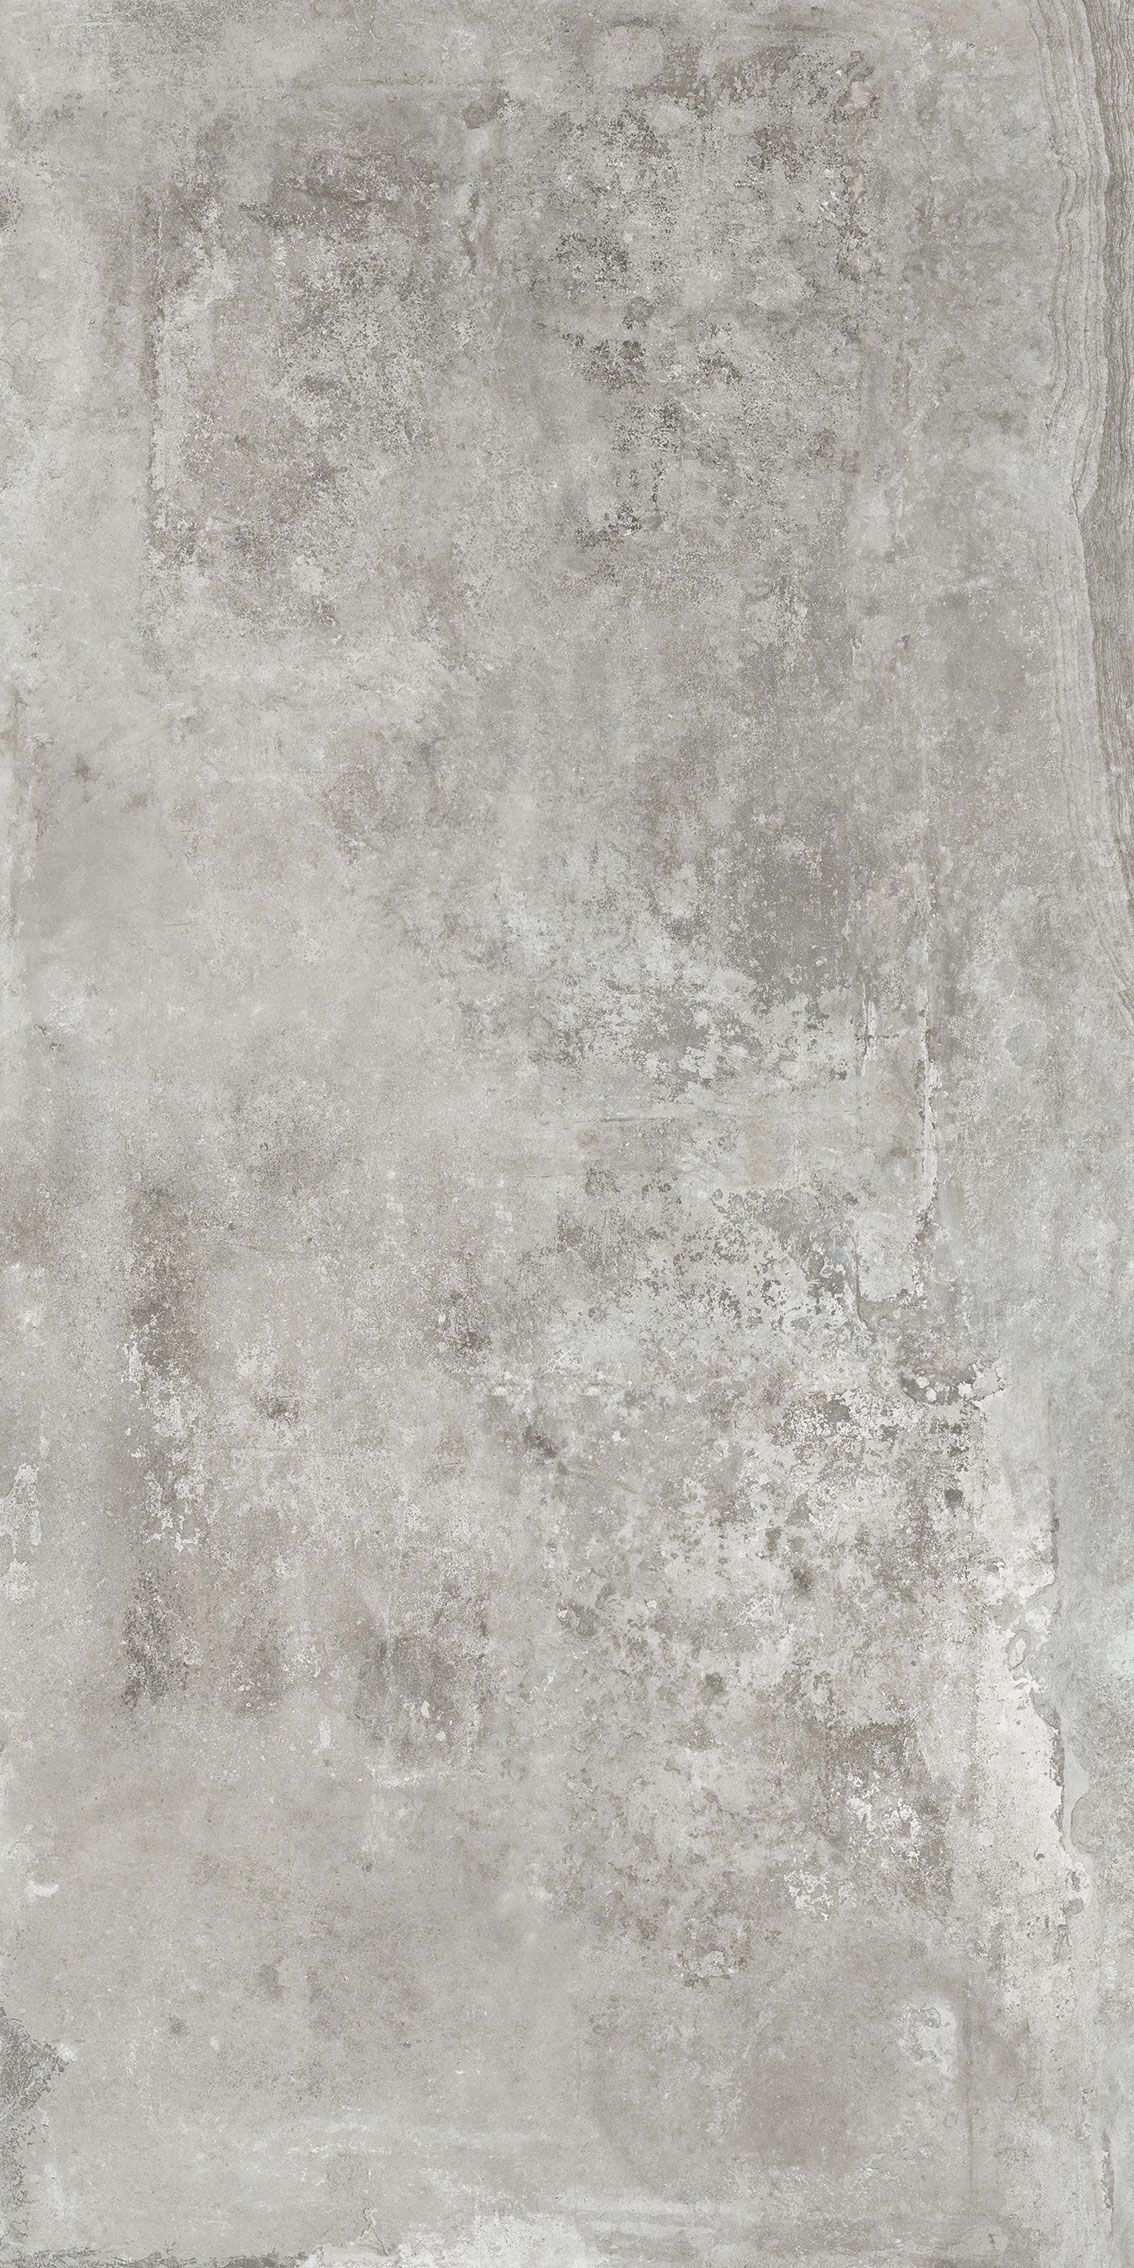 Hormigon Wandgestaltung Spachteltechnik Texturen Texturen Muster